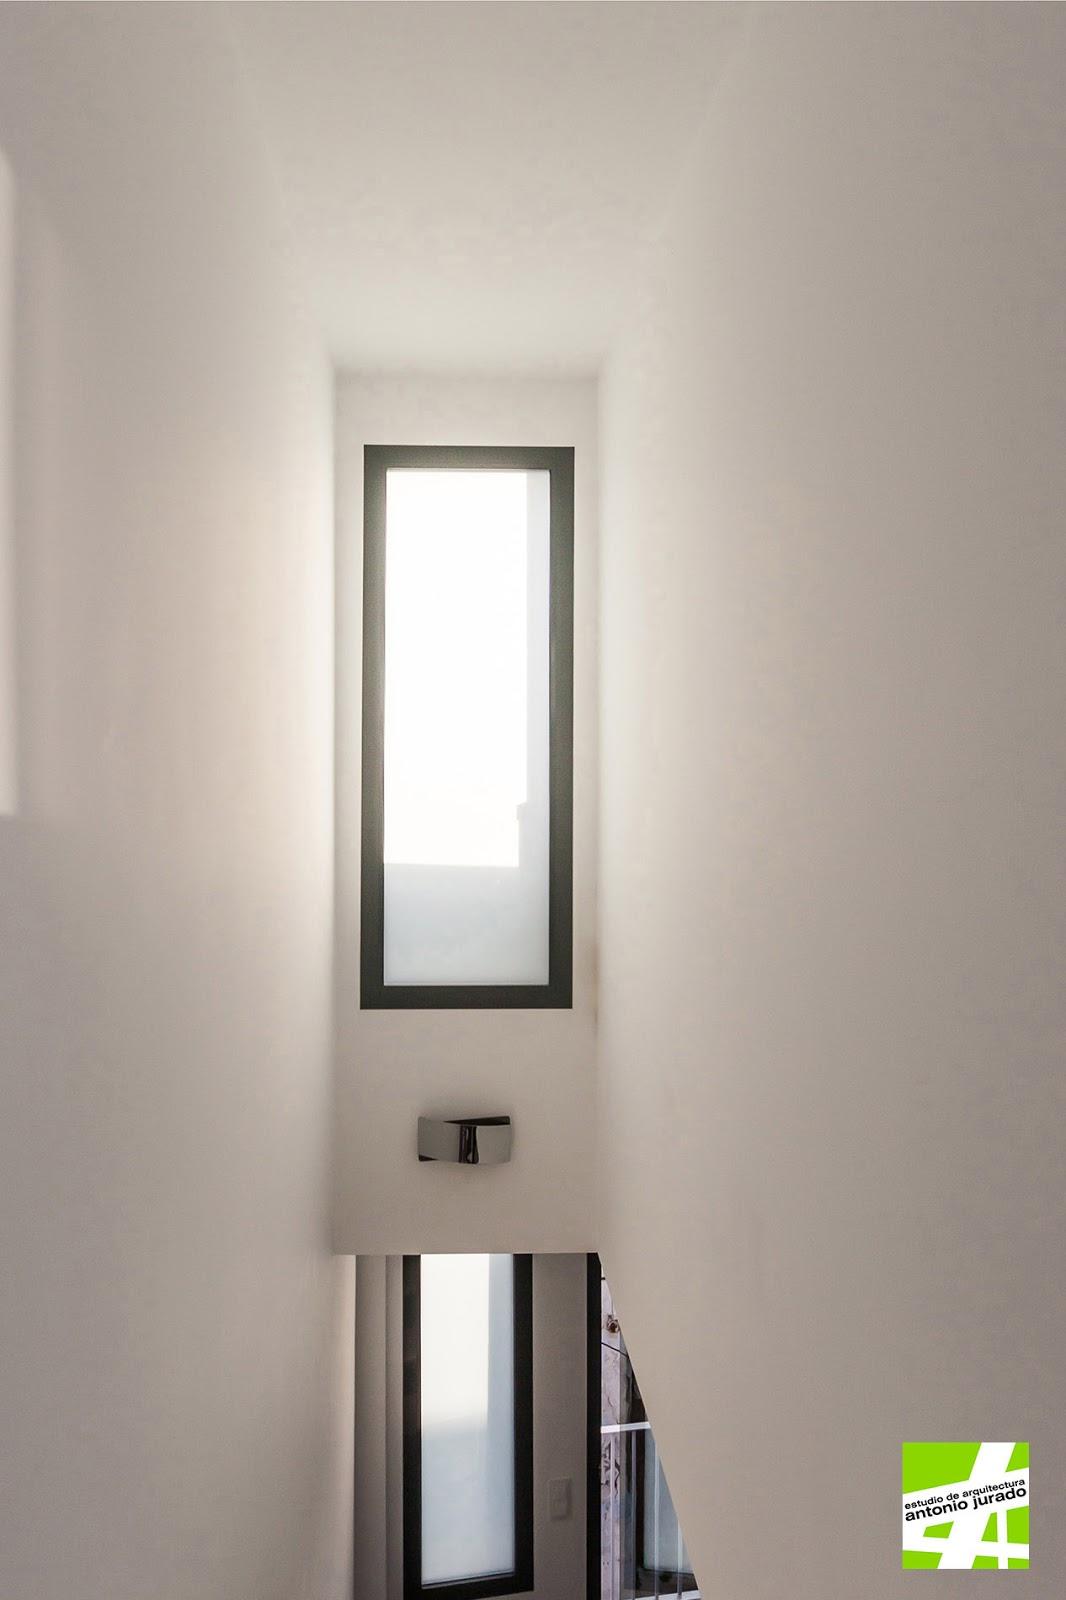 casa-tr-vivienda-unifamiliar-torrox-malaga-antonio-jurado-arquitecto-14